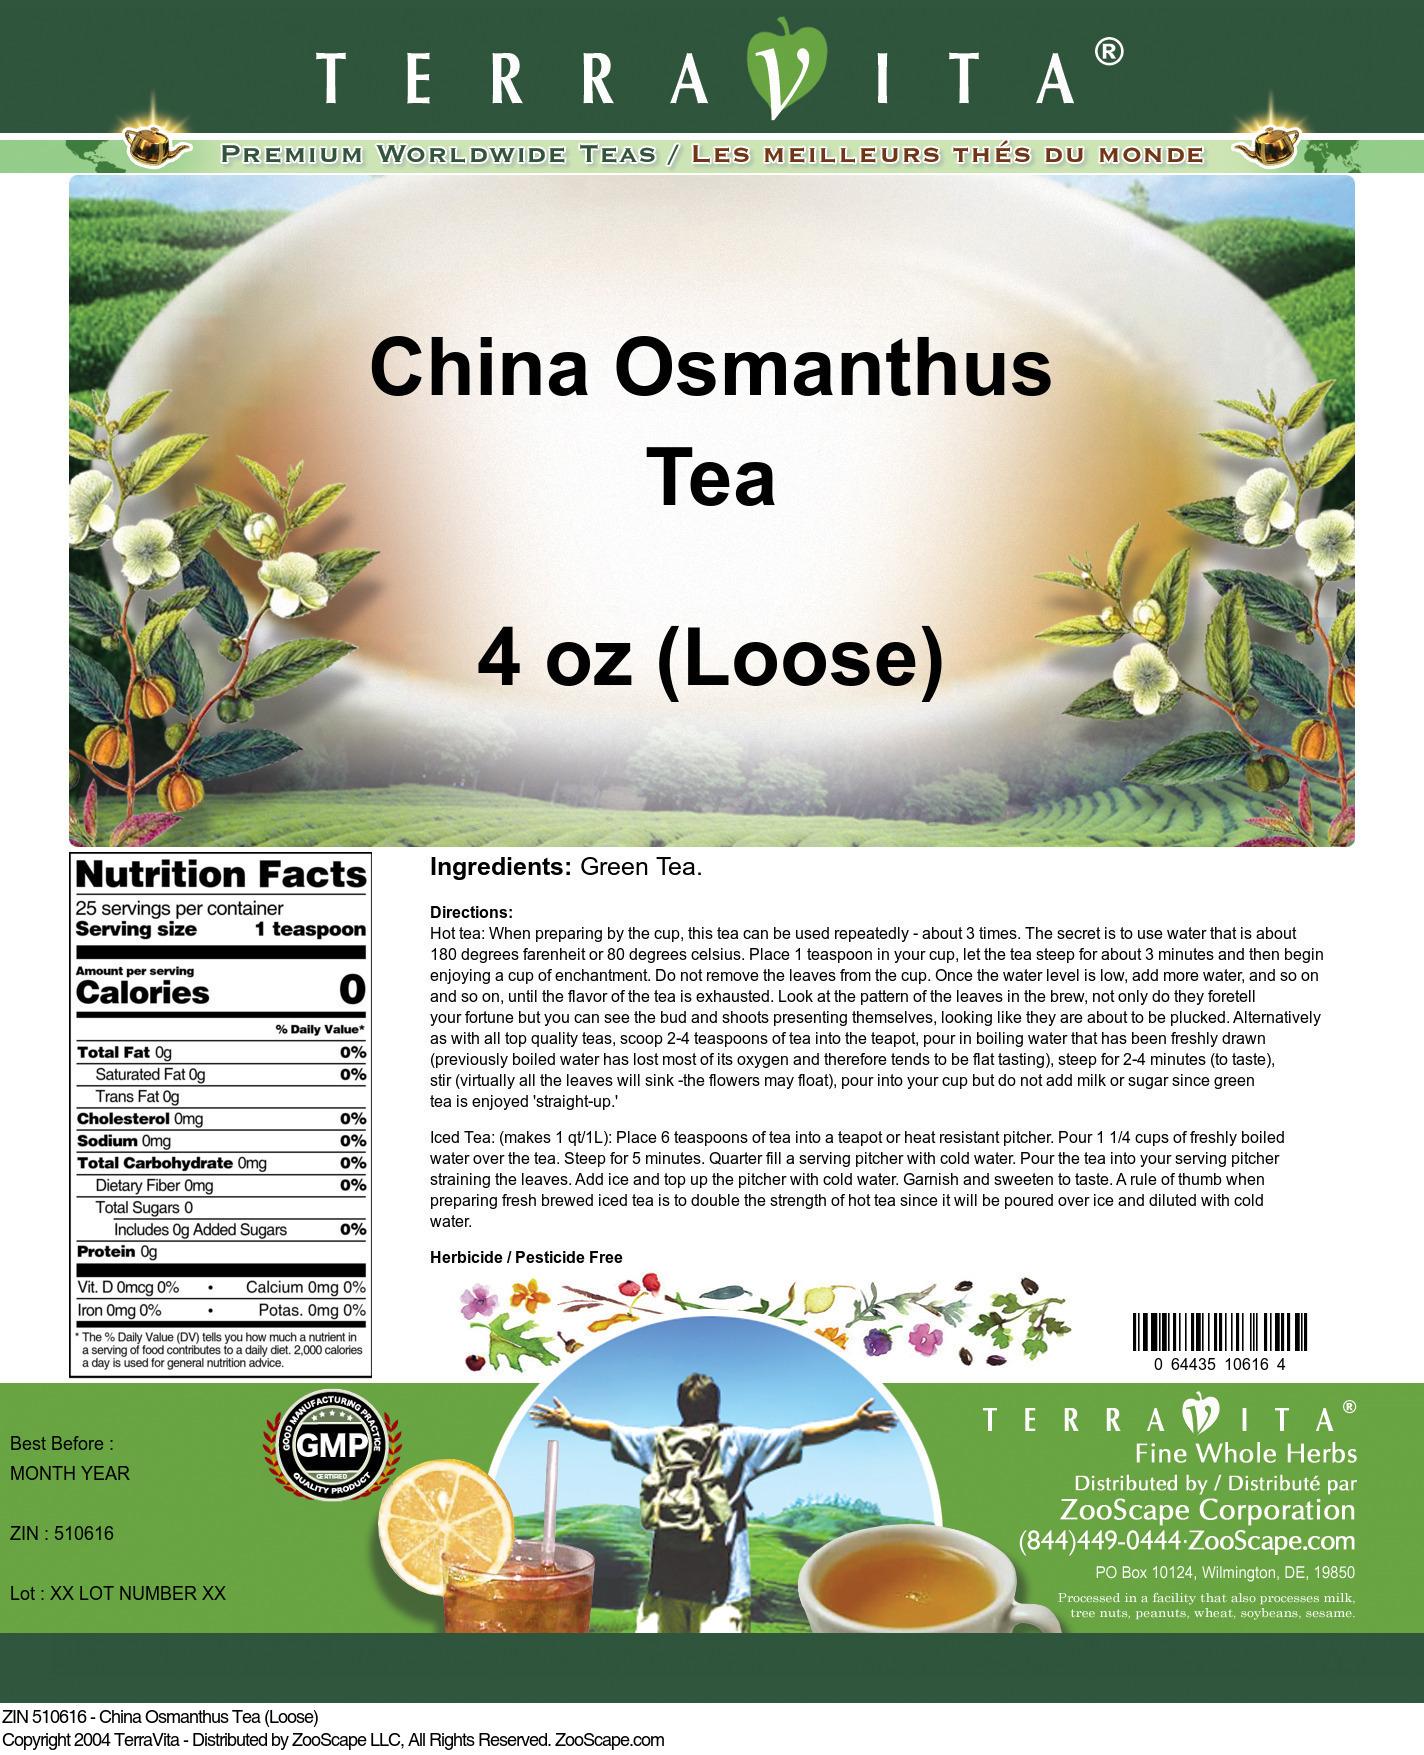 China Osmanthus Tea (Loose)